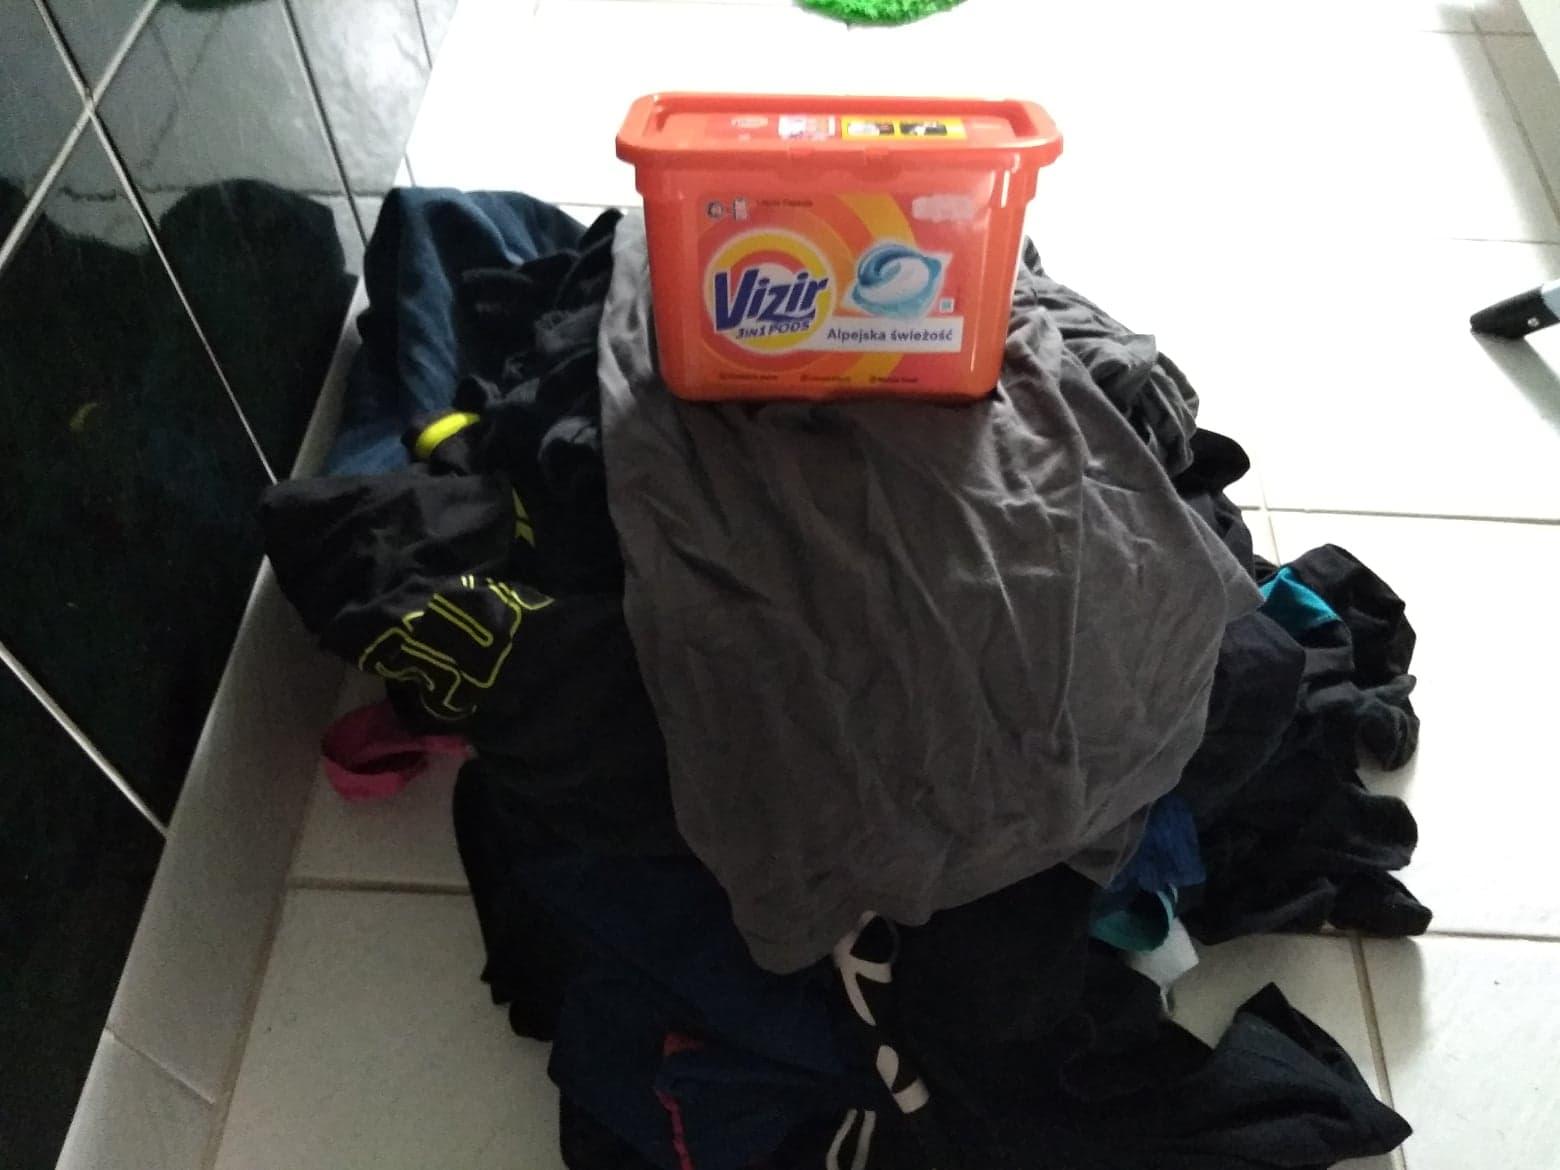 Proszek, płyn czy kapsułki - co wybrać do prania?